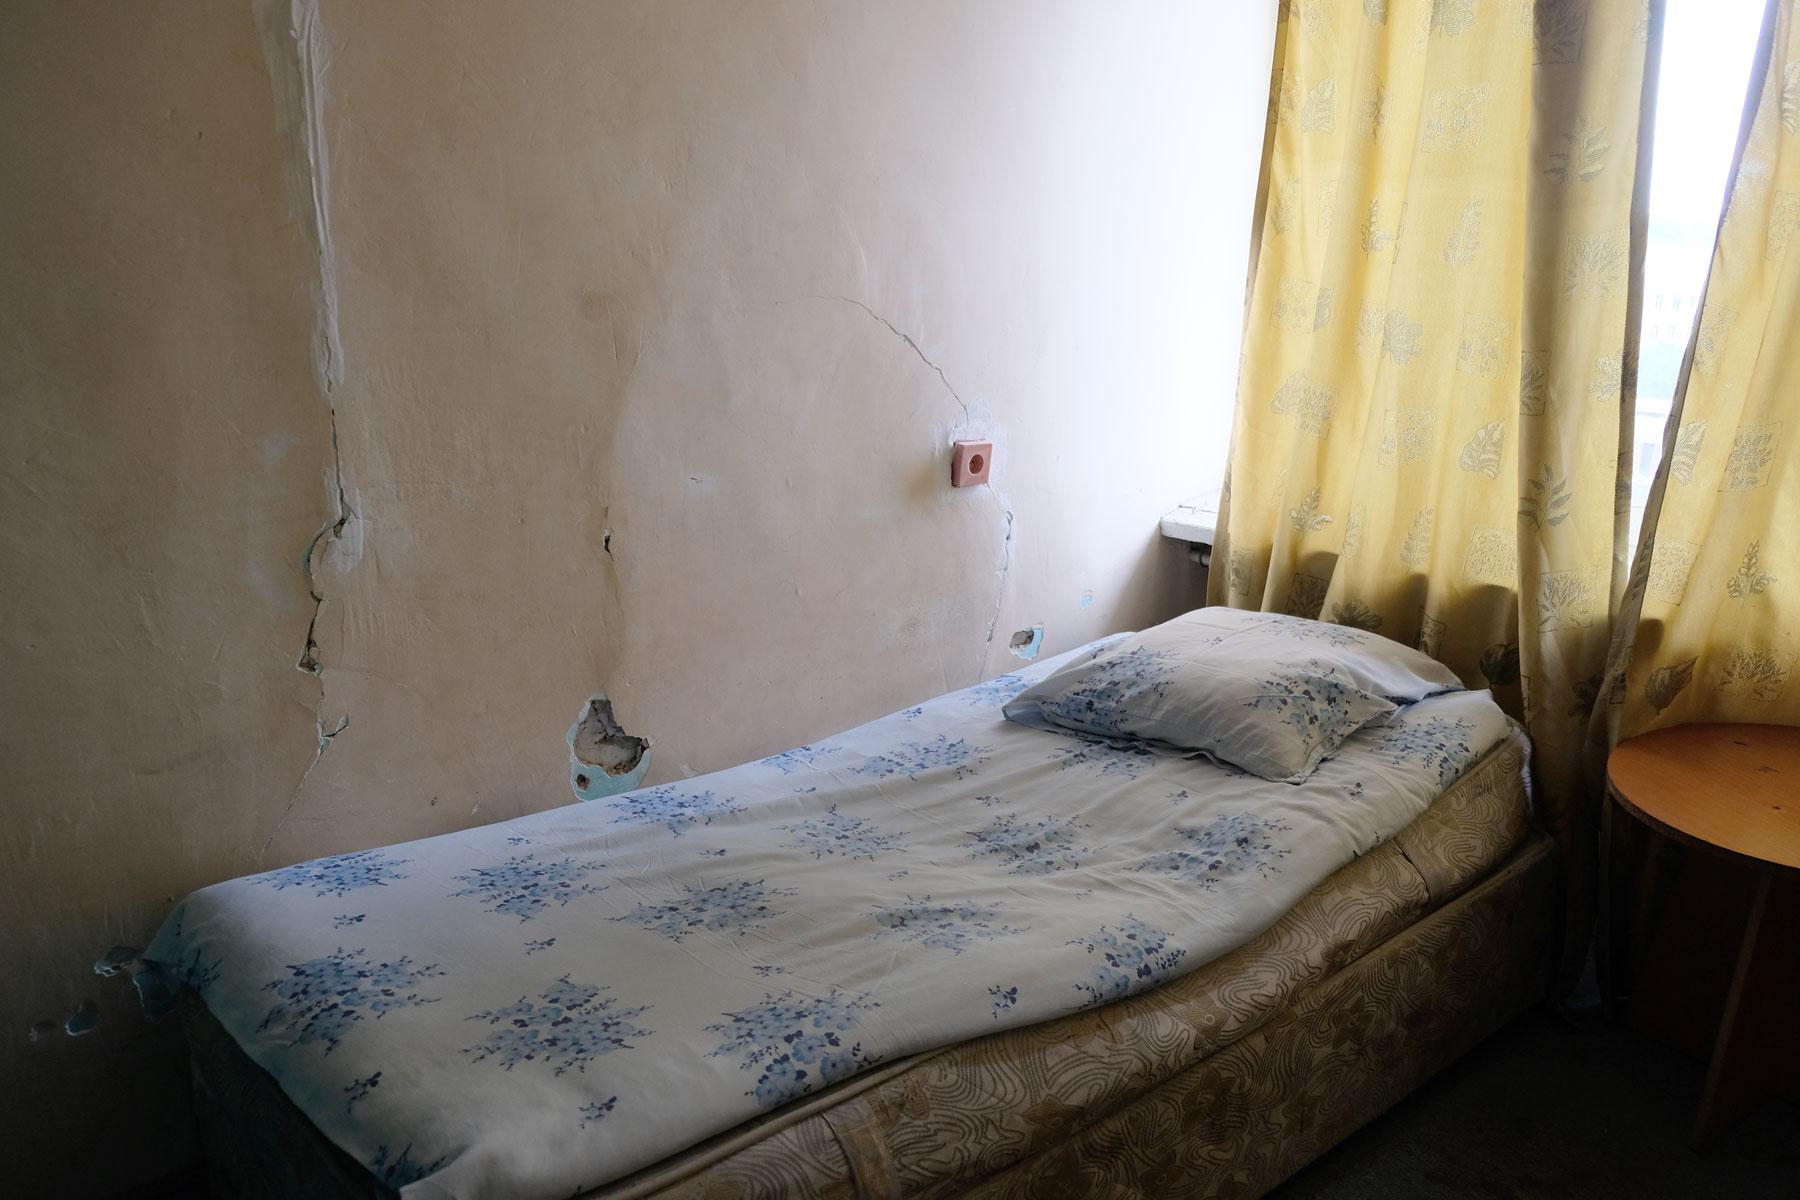 """Traumzimmer für 35 Dollar? """"Hier nicht!"""", sagen wir uns und verlassen das Hotel wieder."""